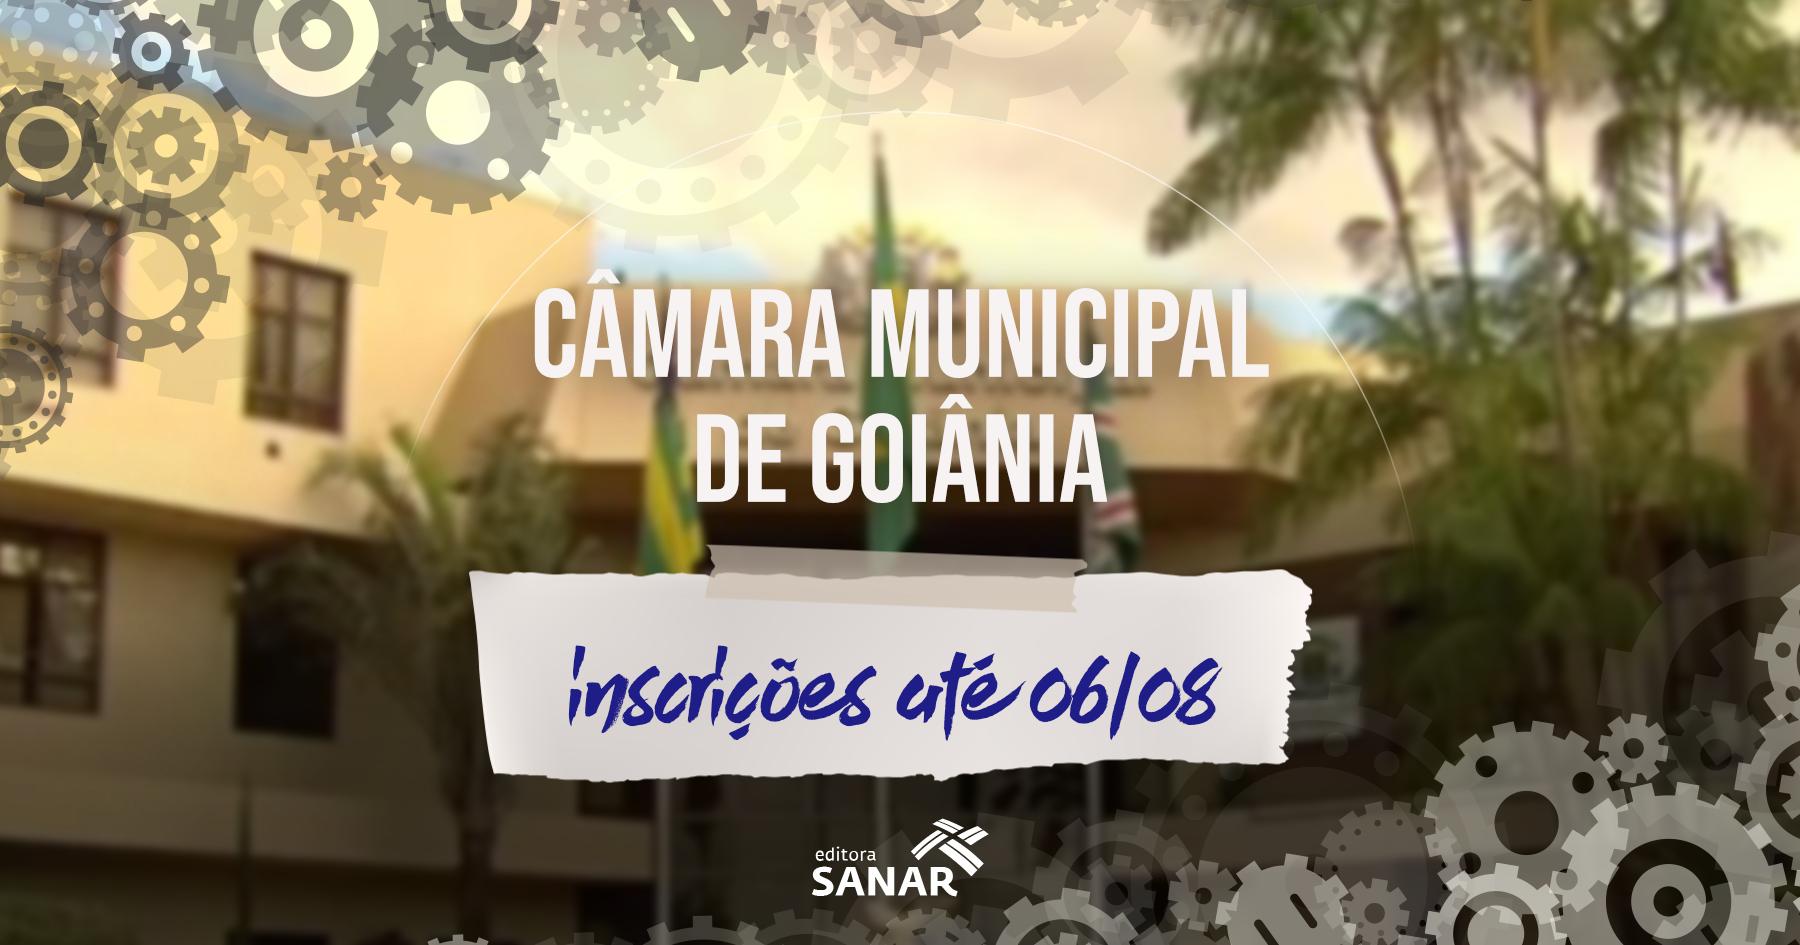 Concurso   Câmara de Goiania divulga edital